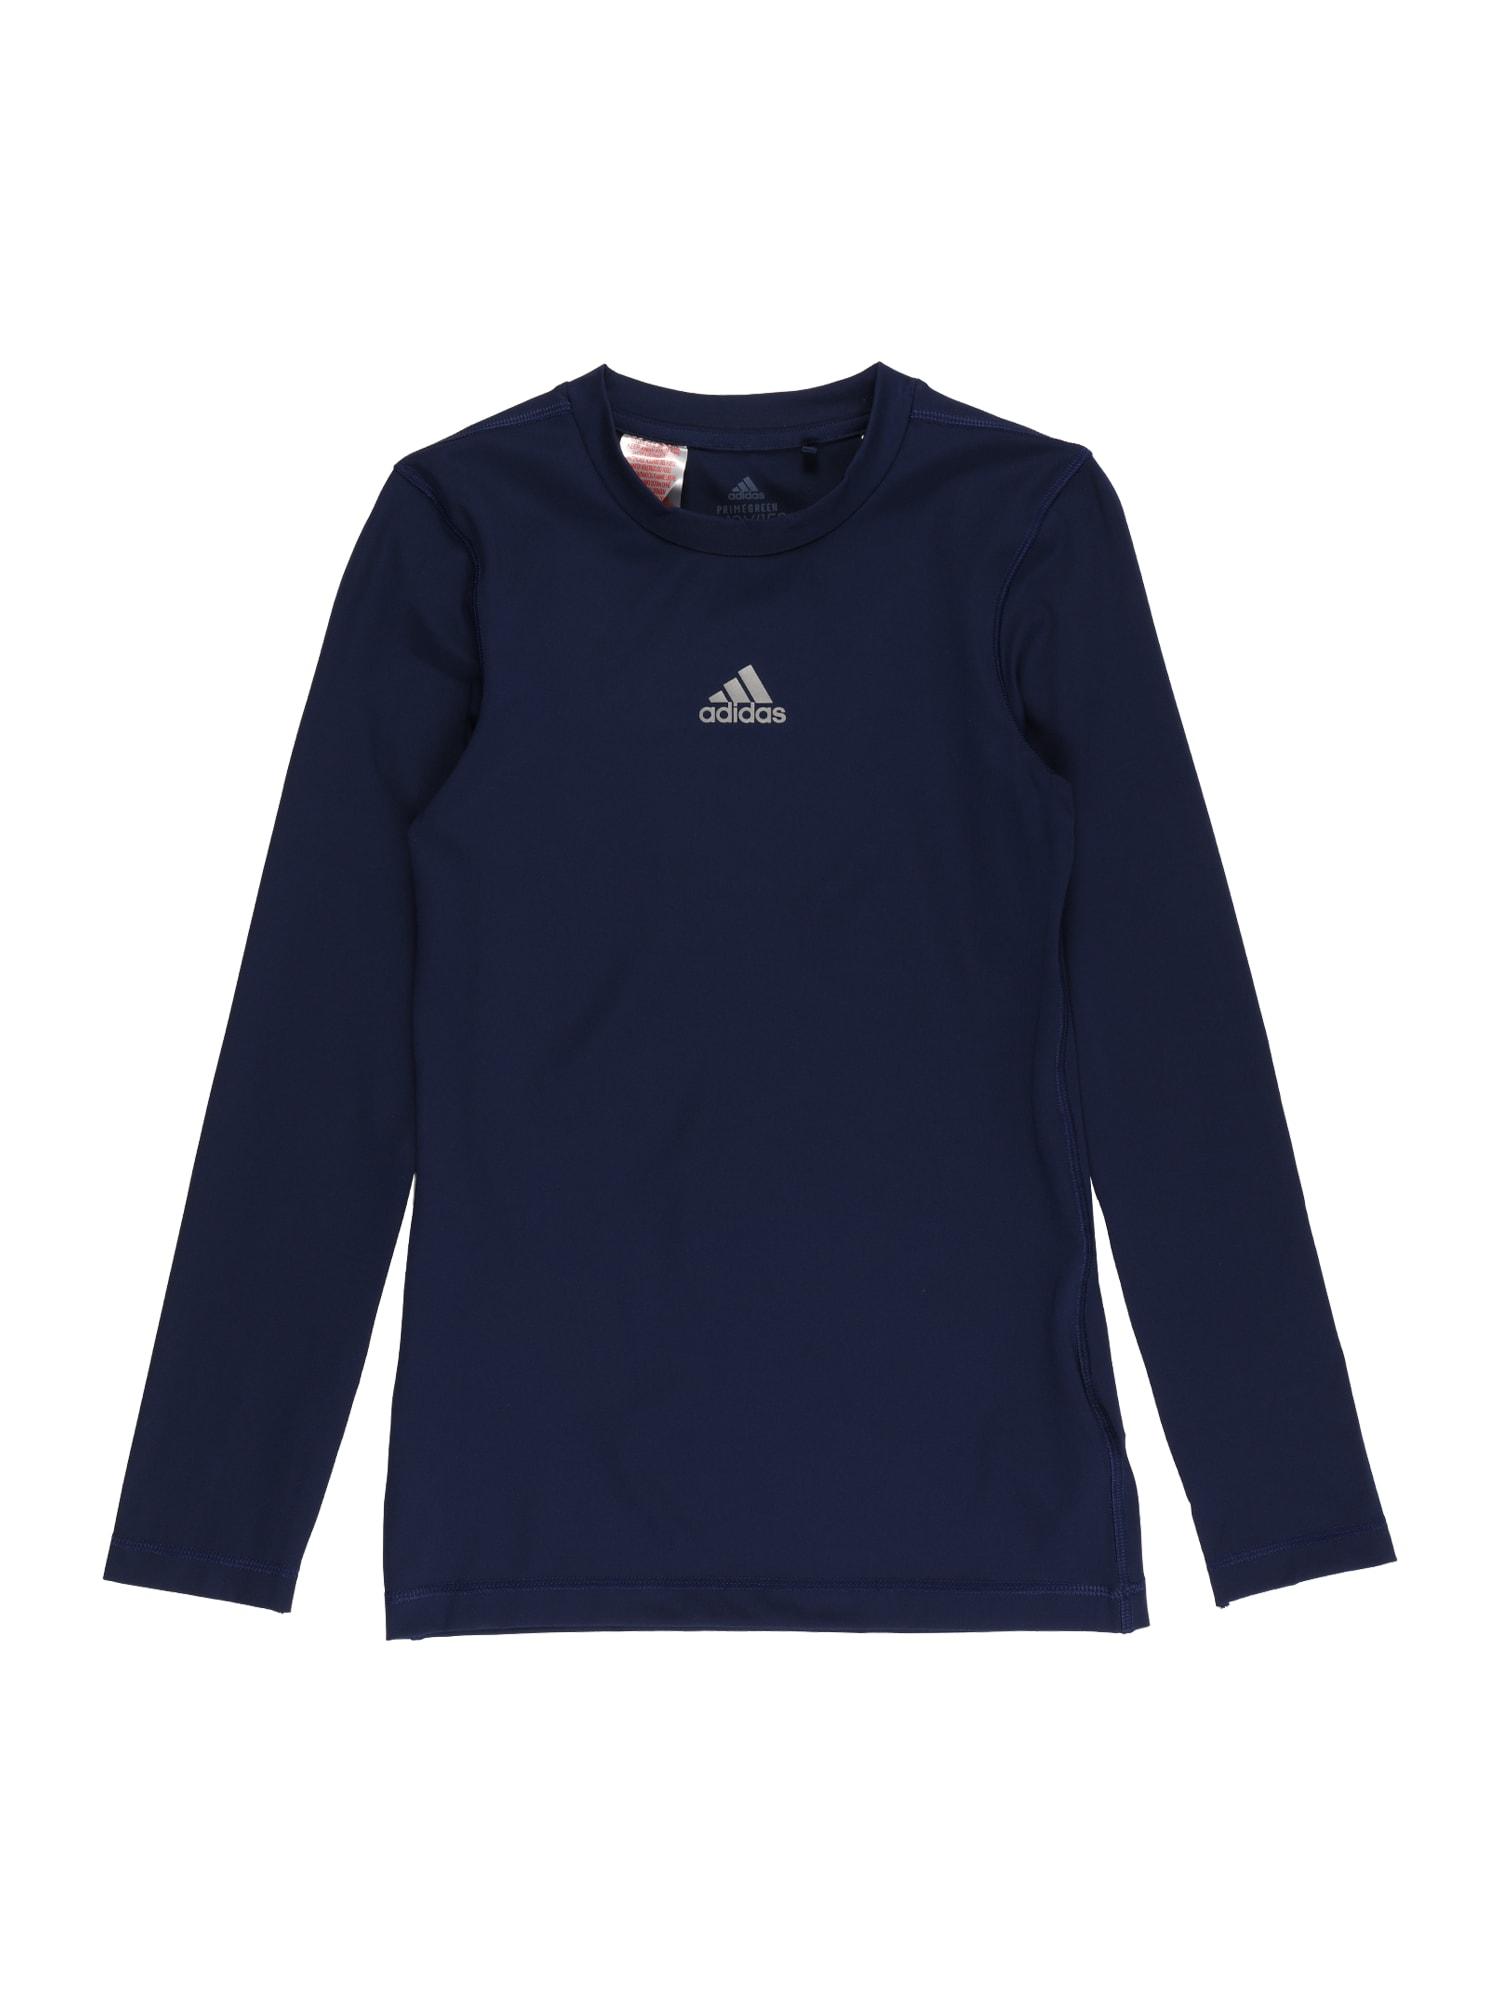 ADIDAS PERFORMANCE Sportiniai marškinėliai tamsiai mėlyna / šviesiai pilka